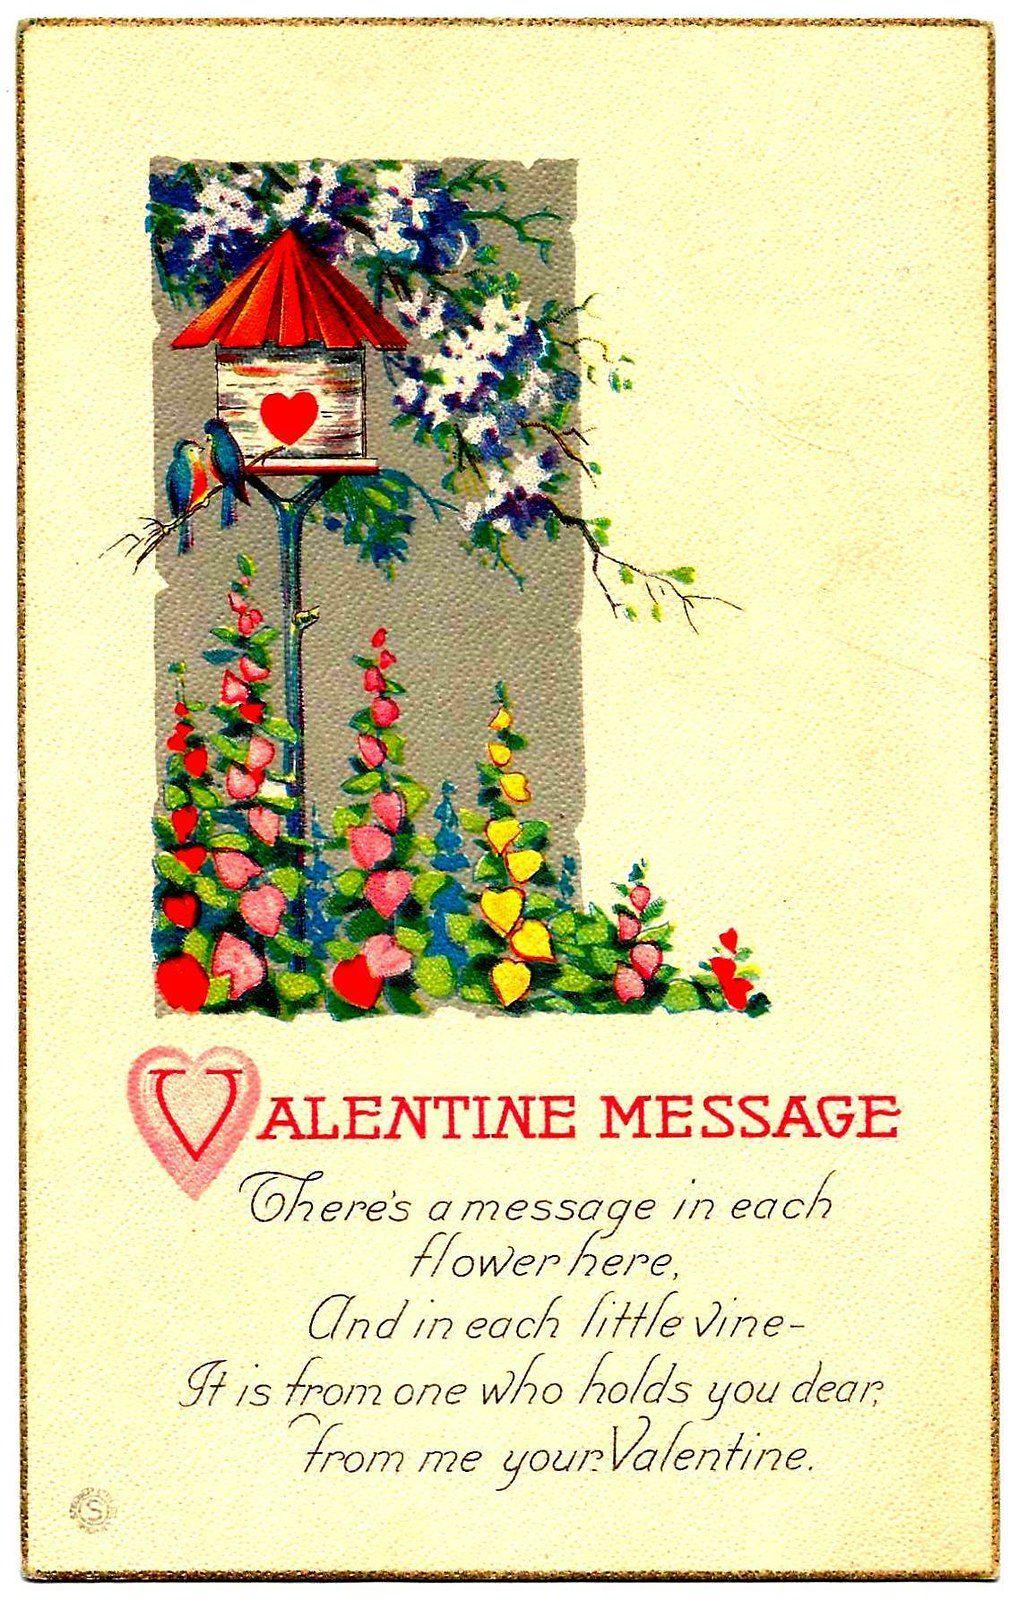 Vintage Valentines Day Postcard 1922.Valentines Day Decorations.Valentines Day Gift for Her.Valentine Cupid.Valentines Poems.Valentine Card.